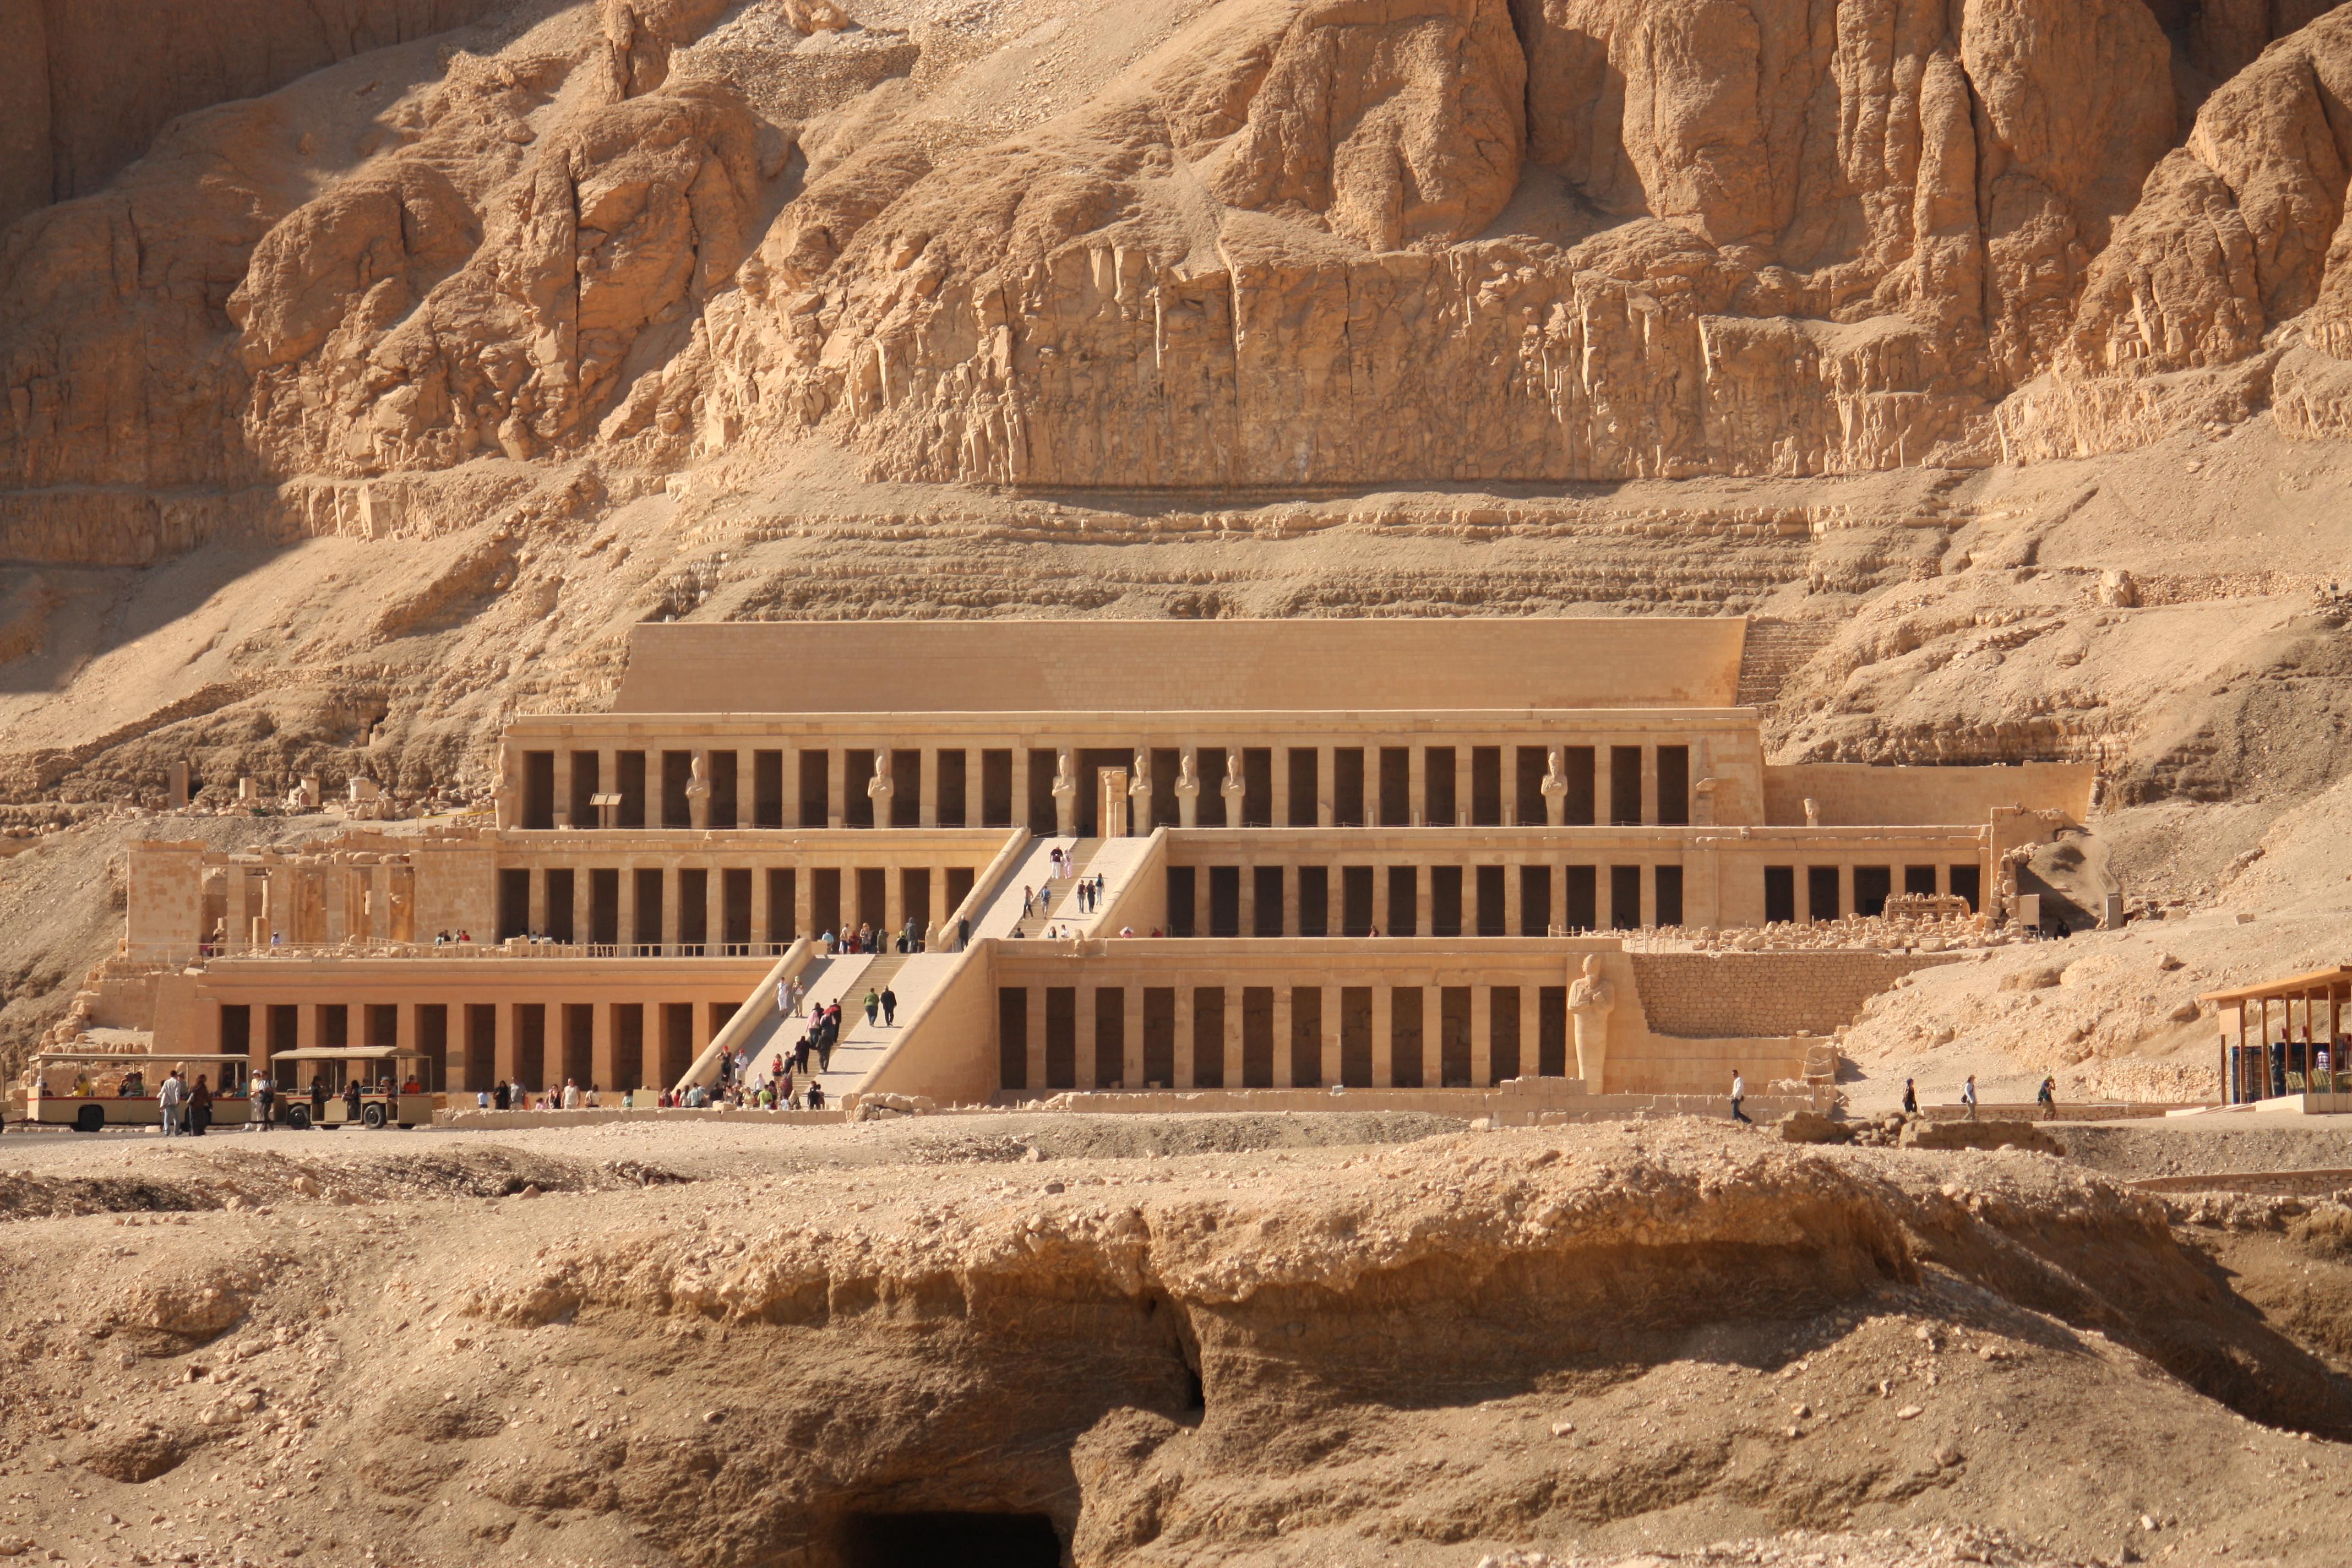 dolina kraljeva egipat